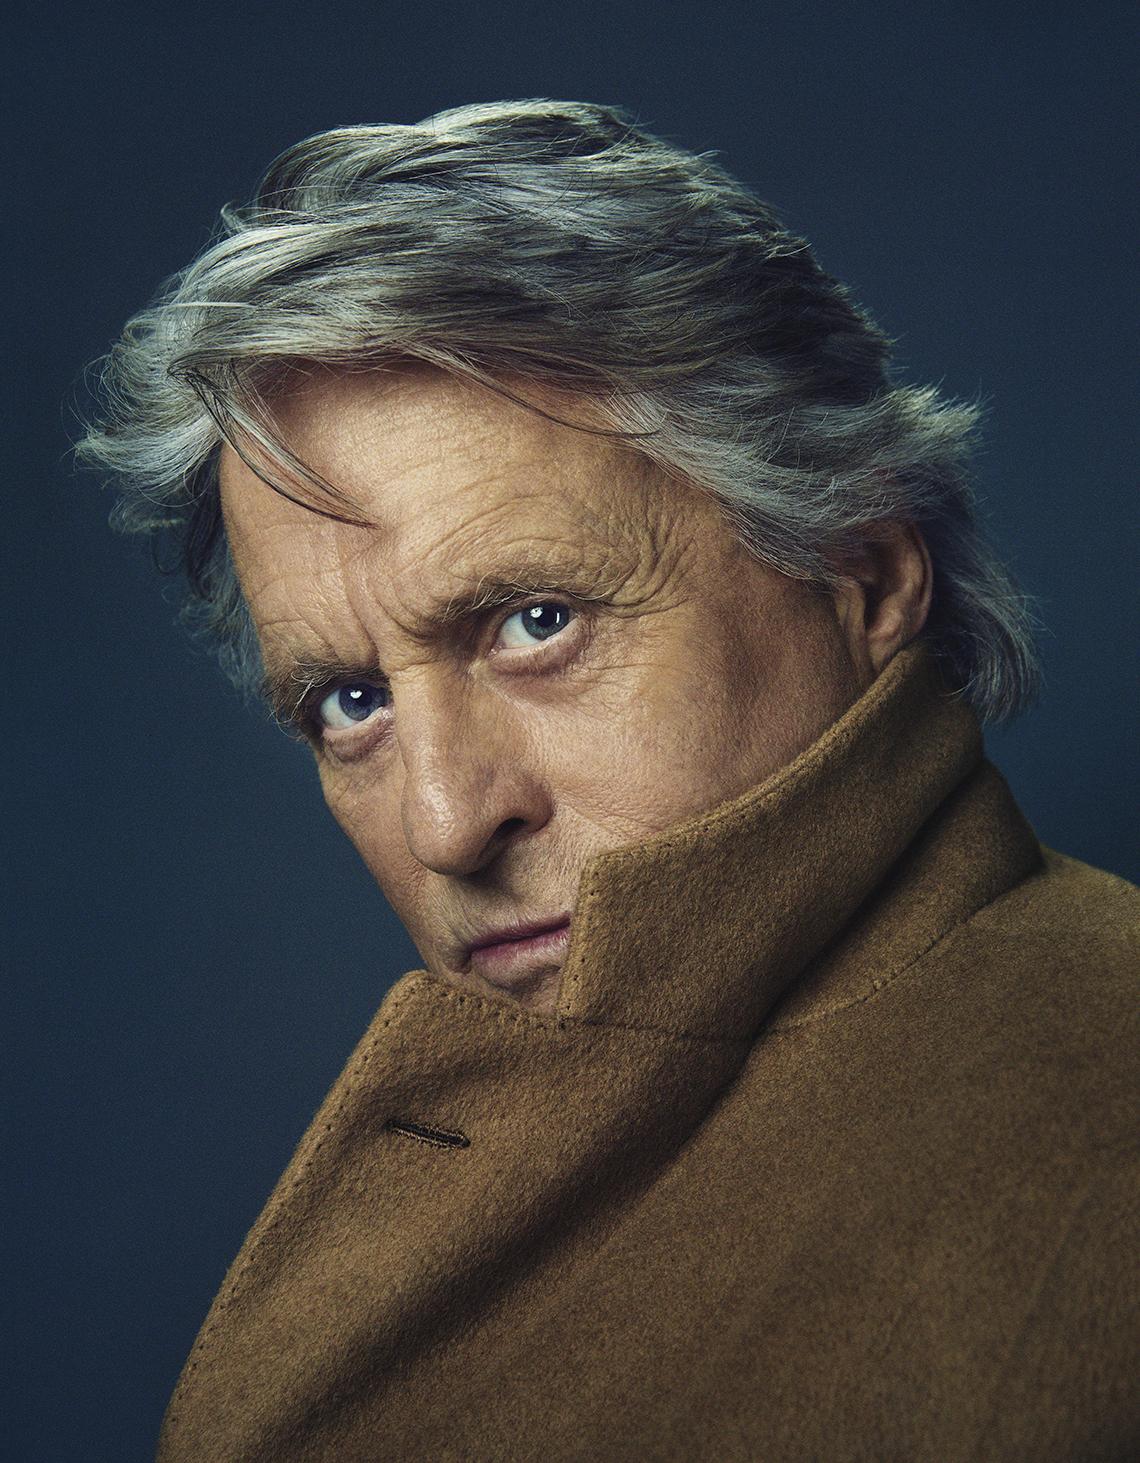 closeup portrait of actor michael douglas